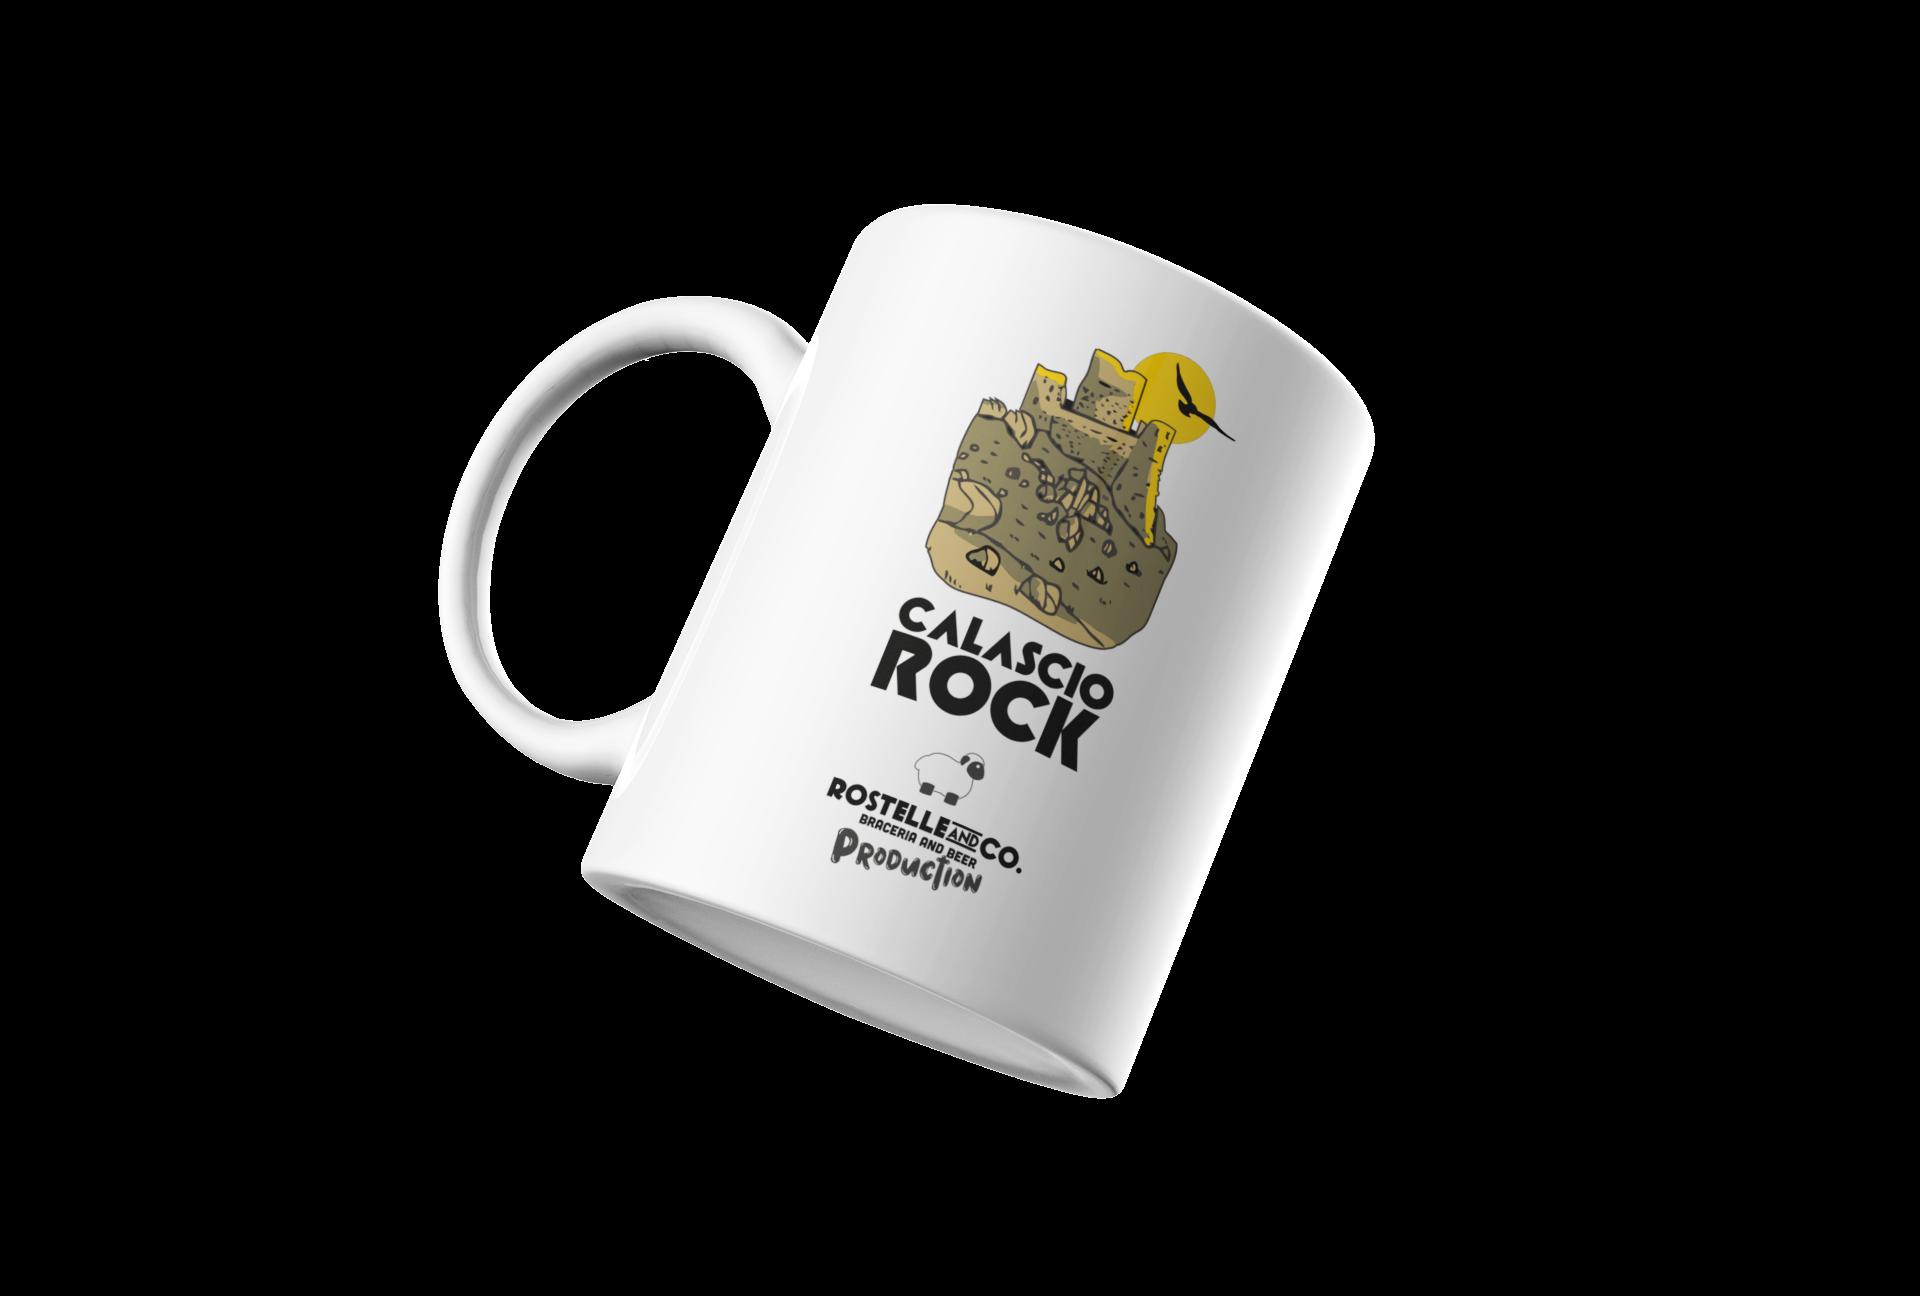 Tazza Calascio Rock